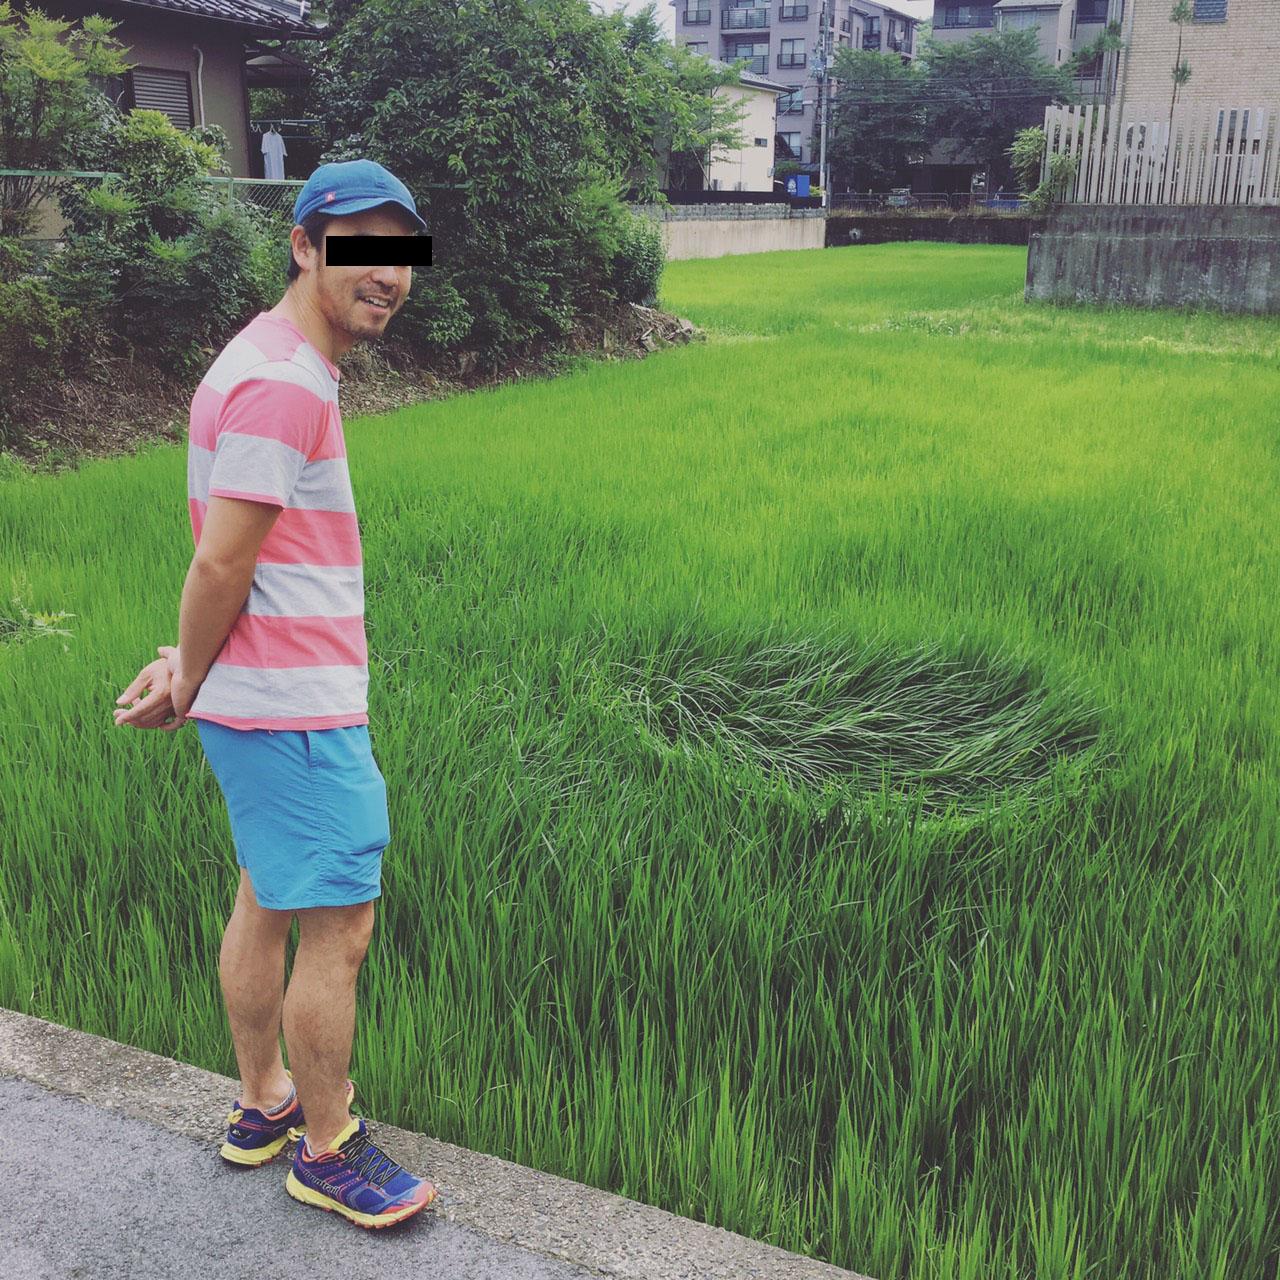 京都 岩倉 田んぼにミステリーサークル